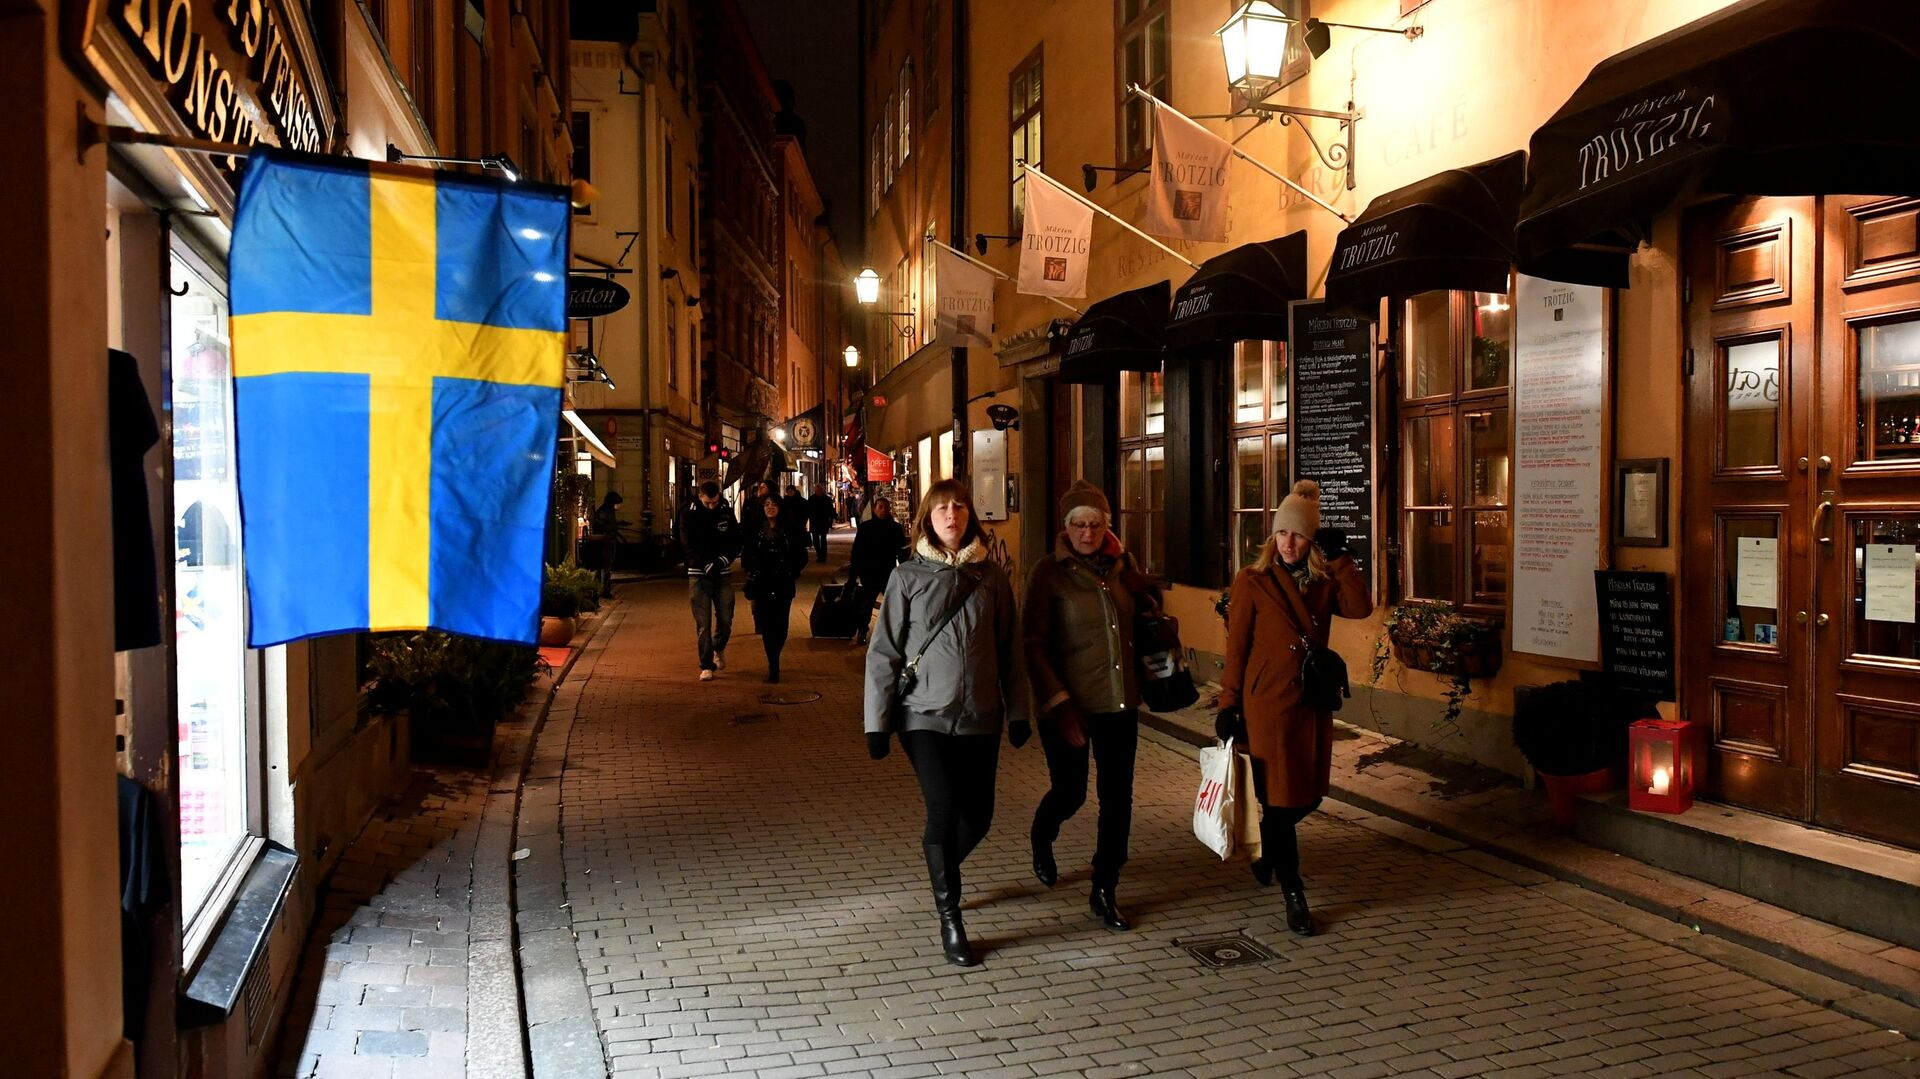 Прохожие на одной из улиц в Старом городе Стокгольма - РИА Новости, 1920, 26.11.2020